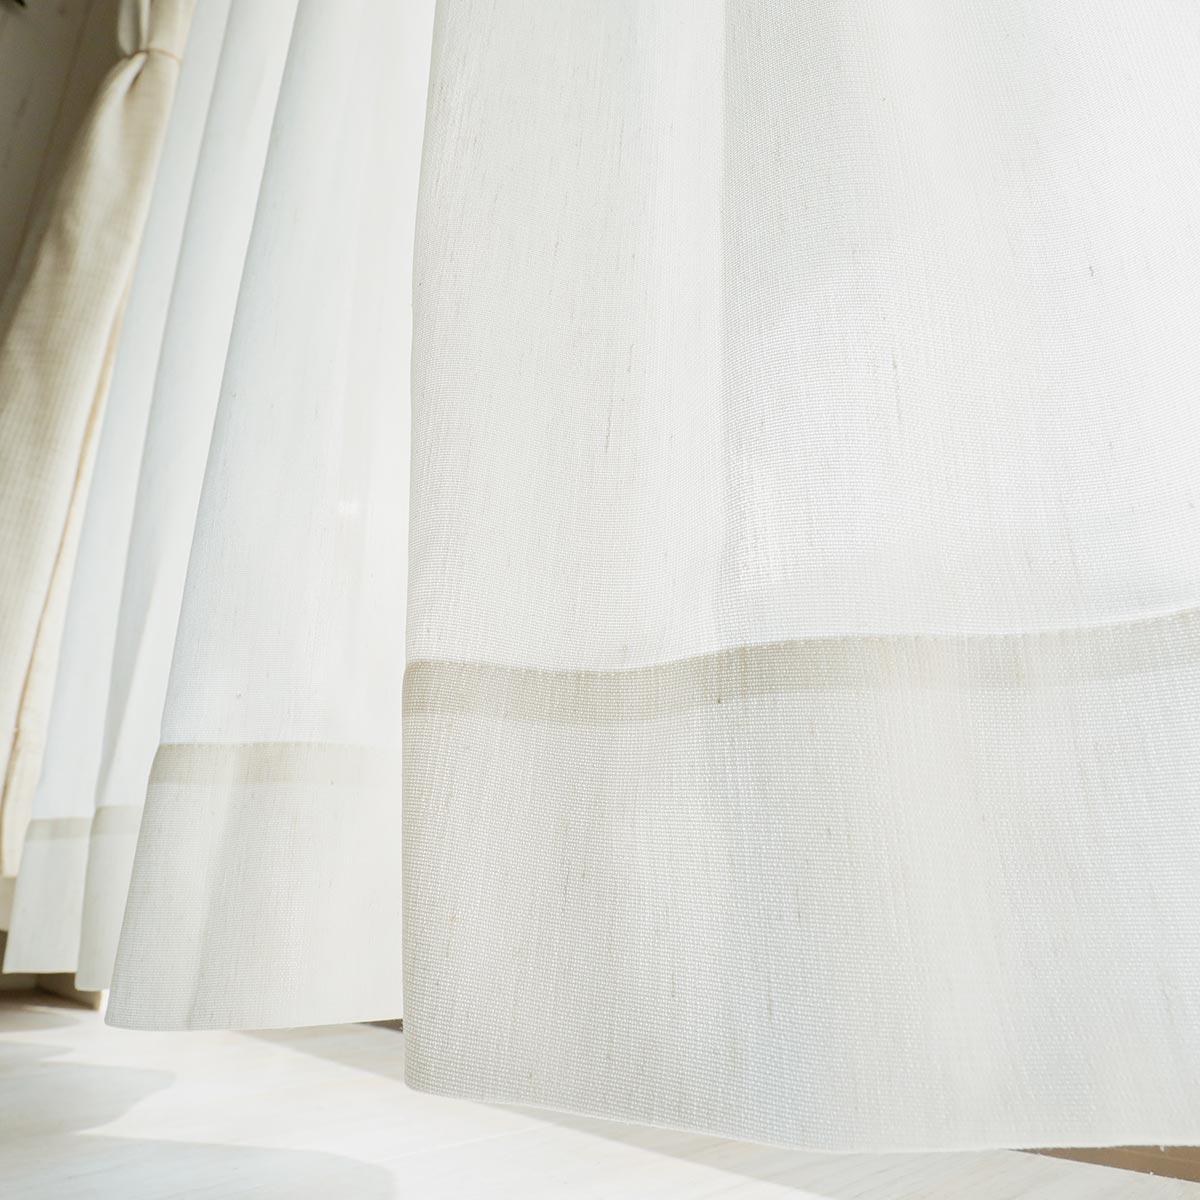 ドレープカーテン『イリゼ』説明画像2